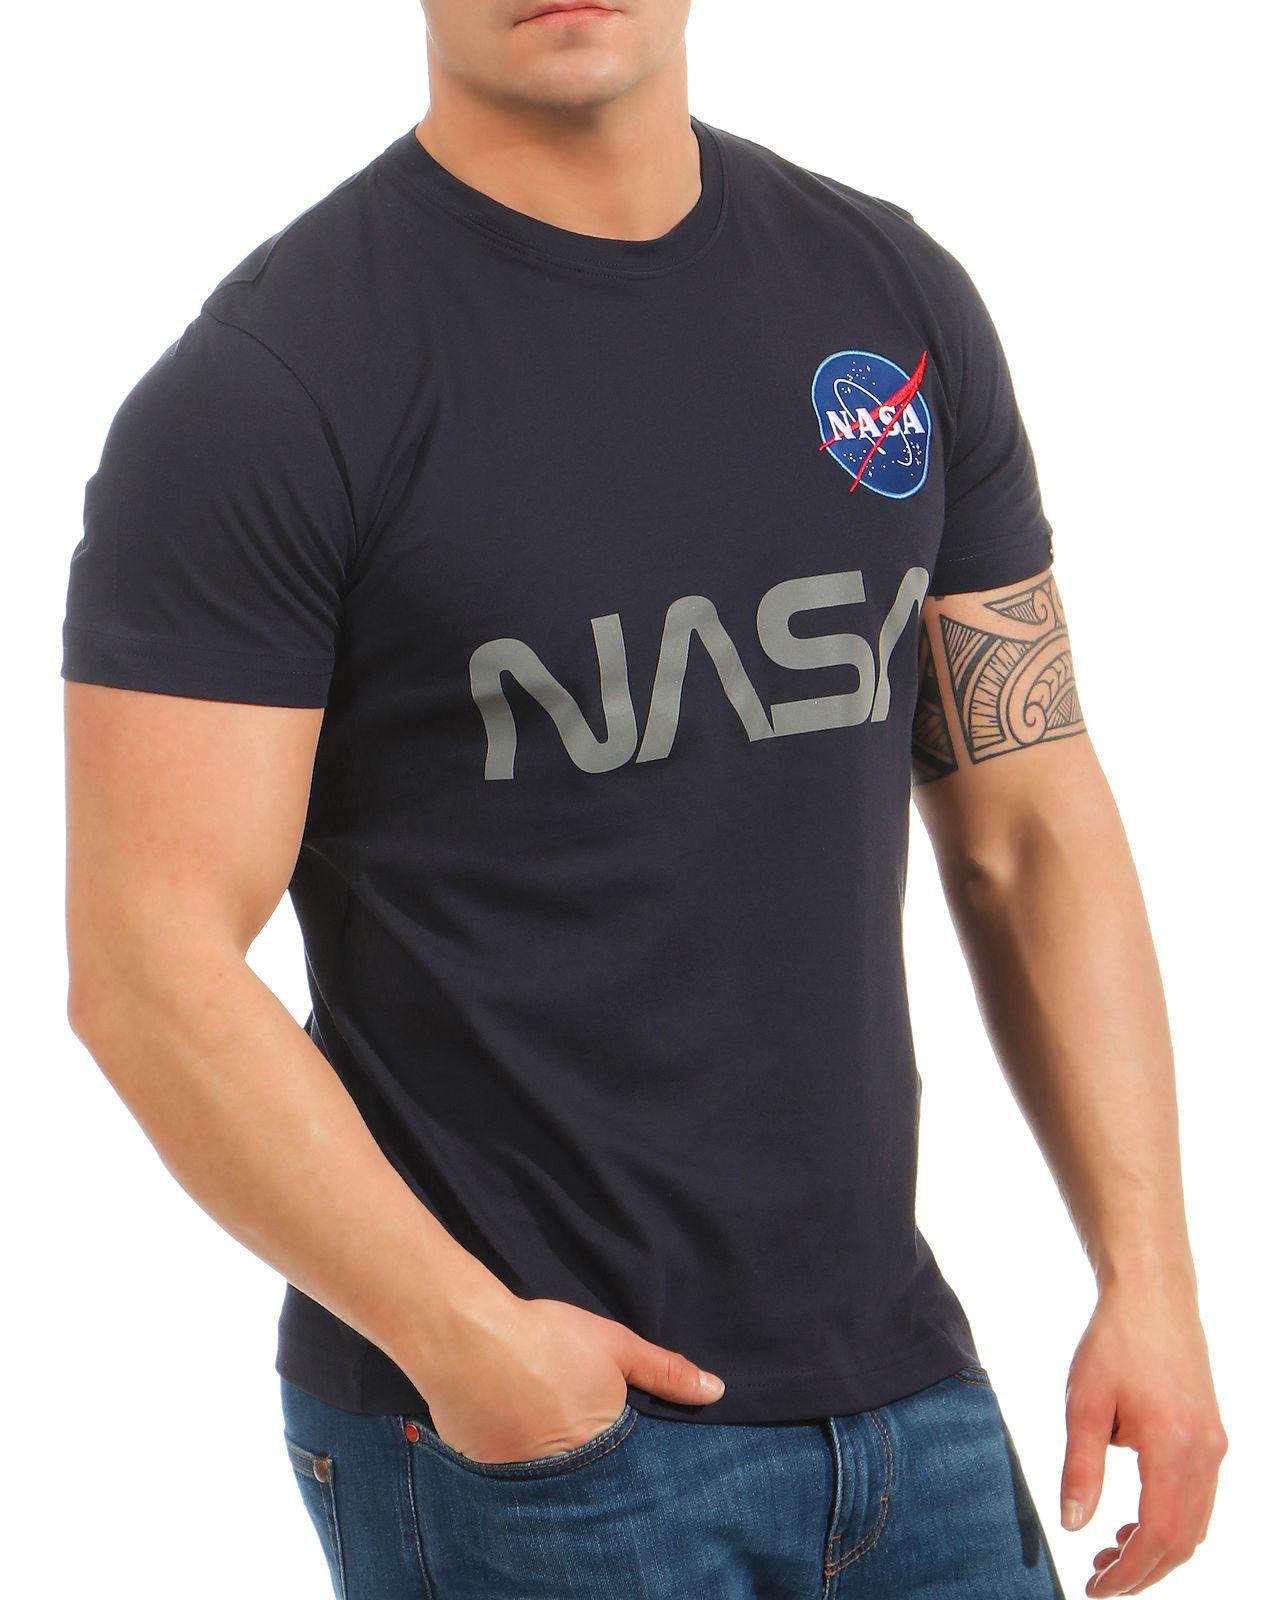 ab7457aac267b Alpha Industries Herren T-Shirt NASA Reflective 178501 Männer ...